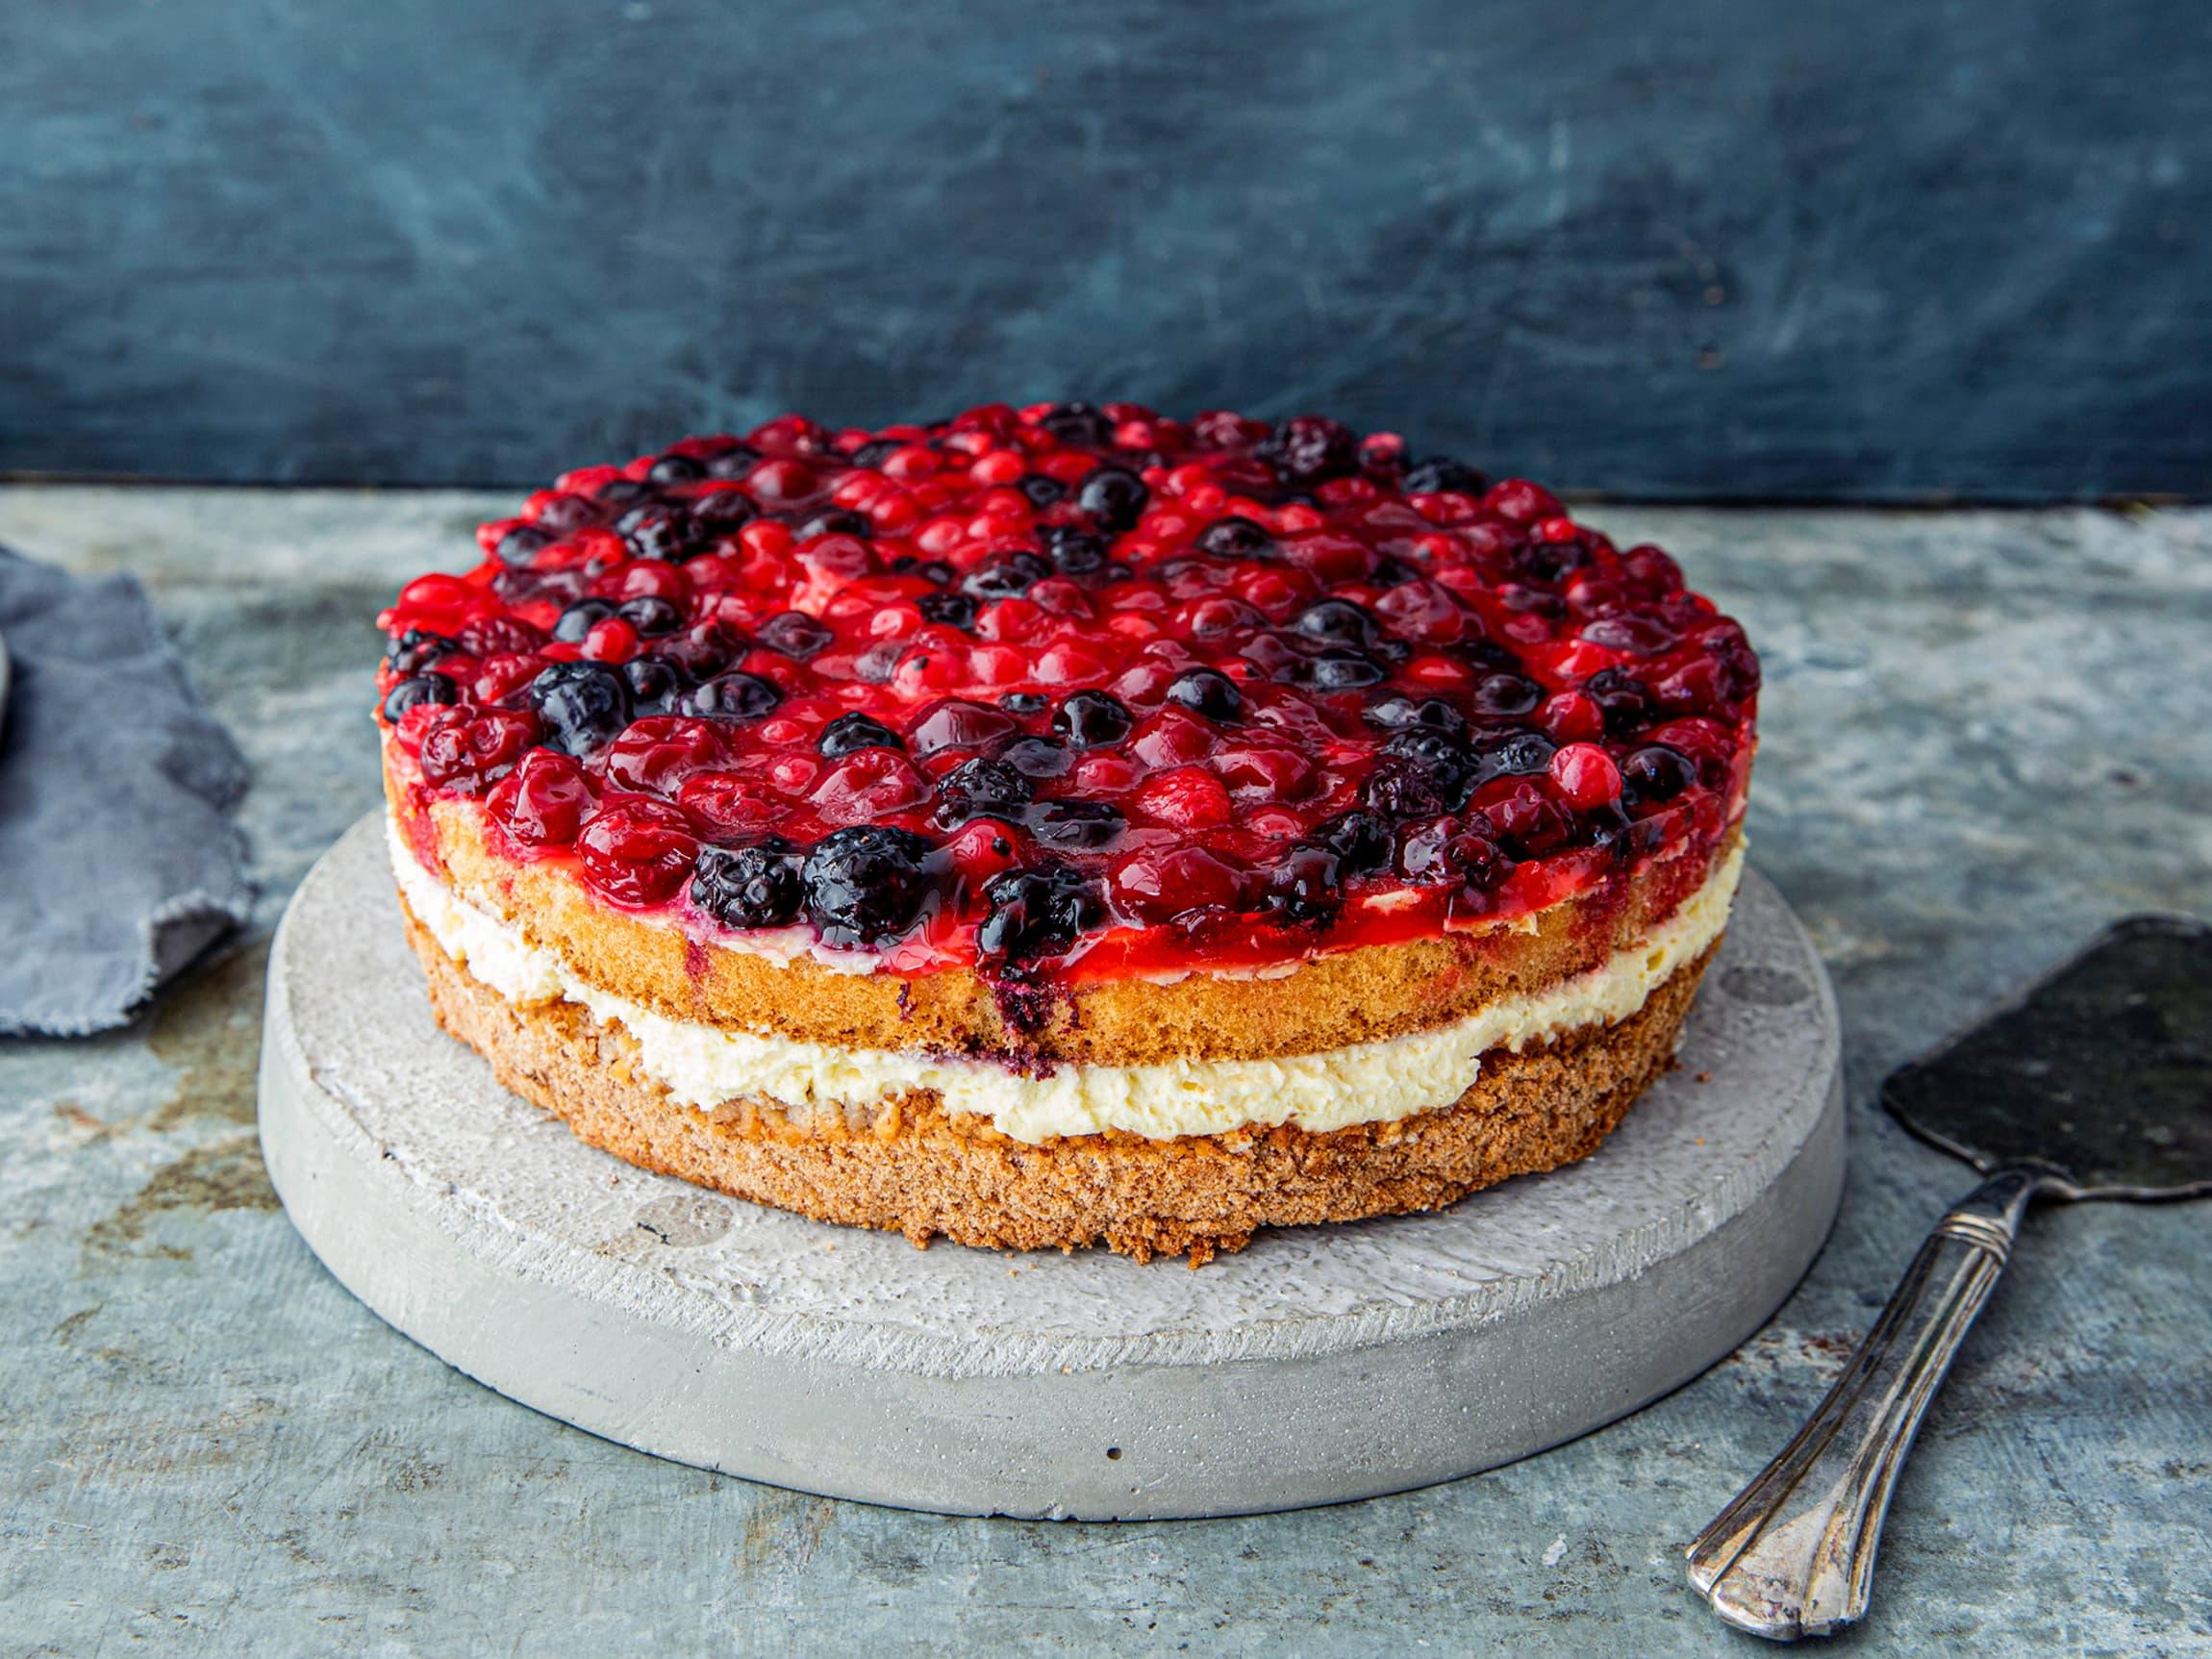 Vaniljedrøm bakt uten gluten er en kake med friske bær og deilig vaniljekrem med saftig mandelbunn.